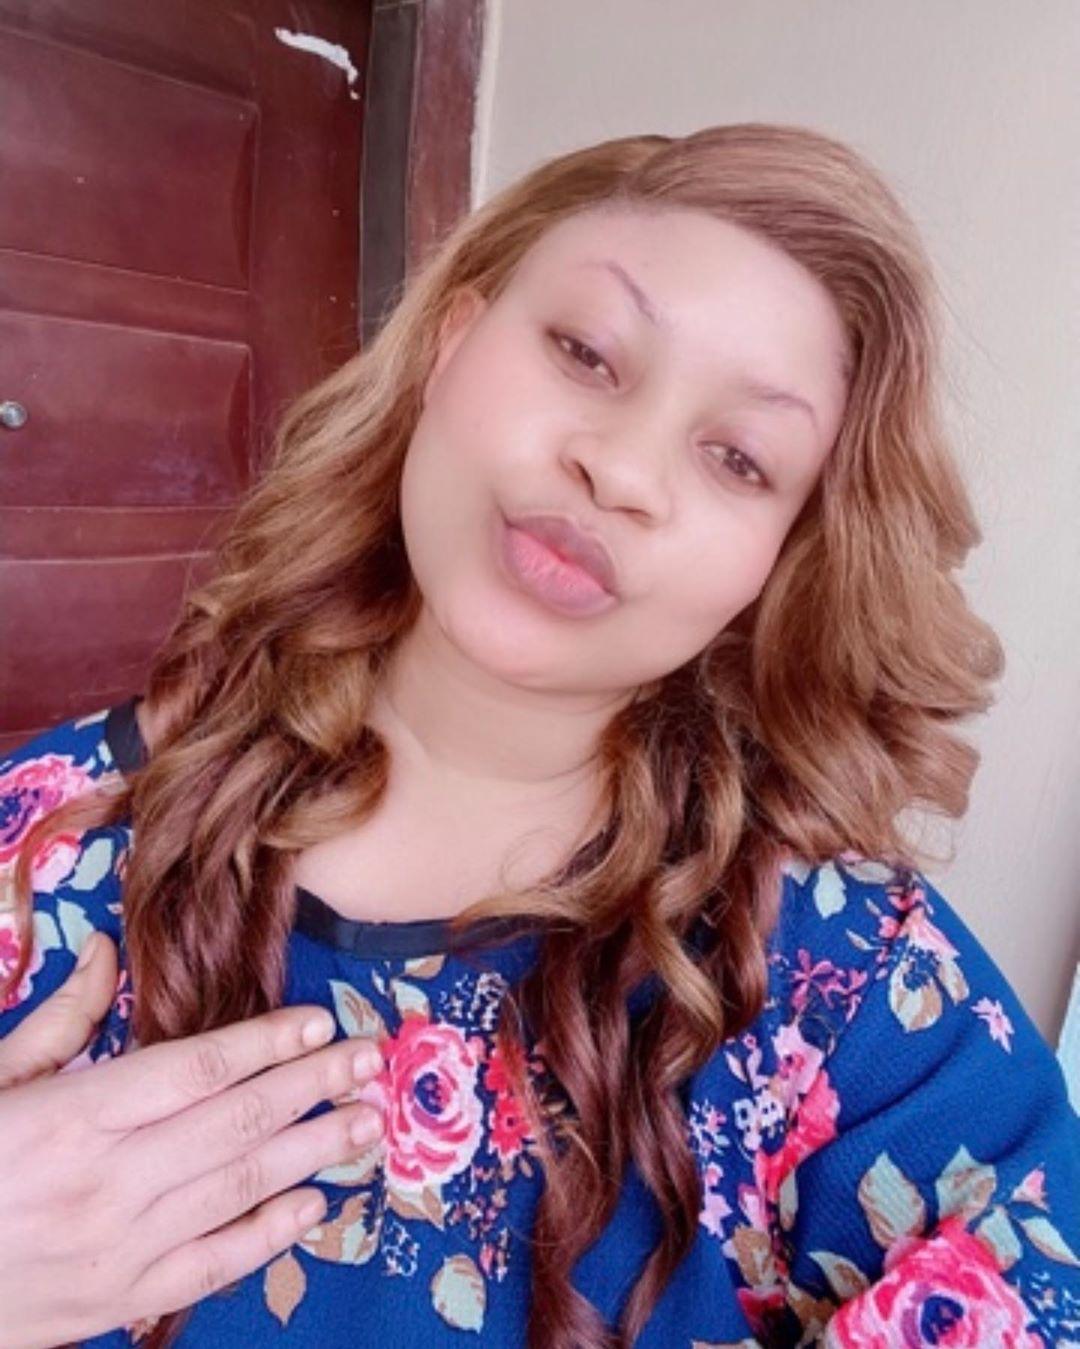 Nollywood actress, Joke Jigan spotted in a video twerking half n*ked